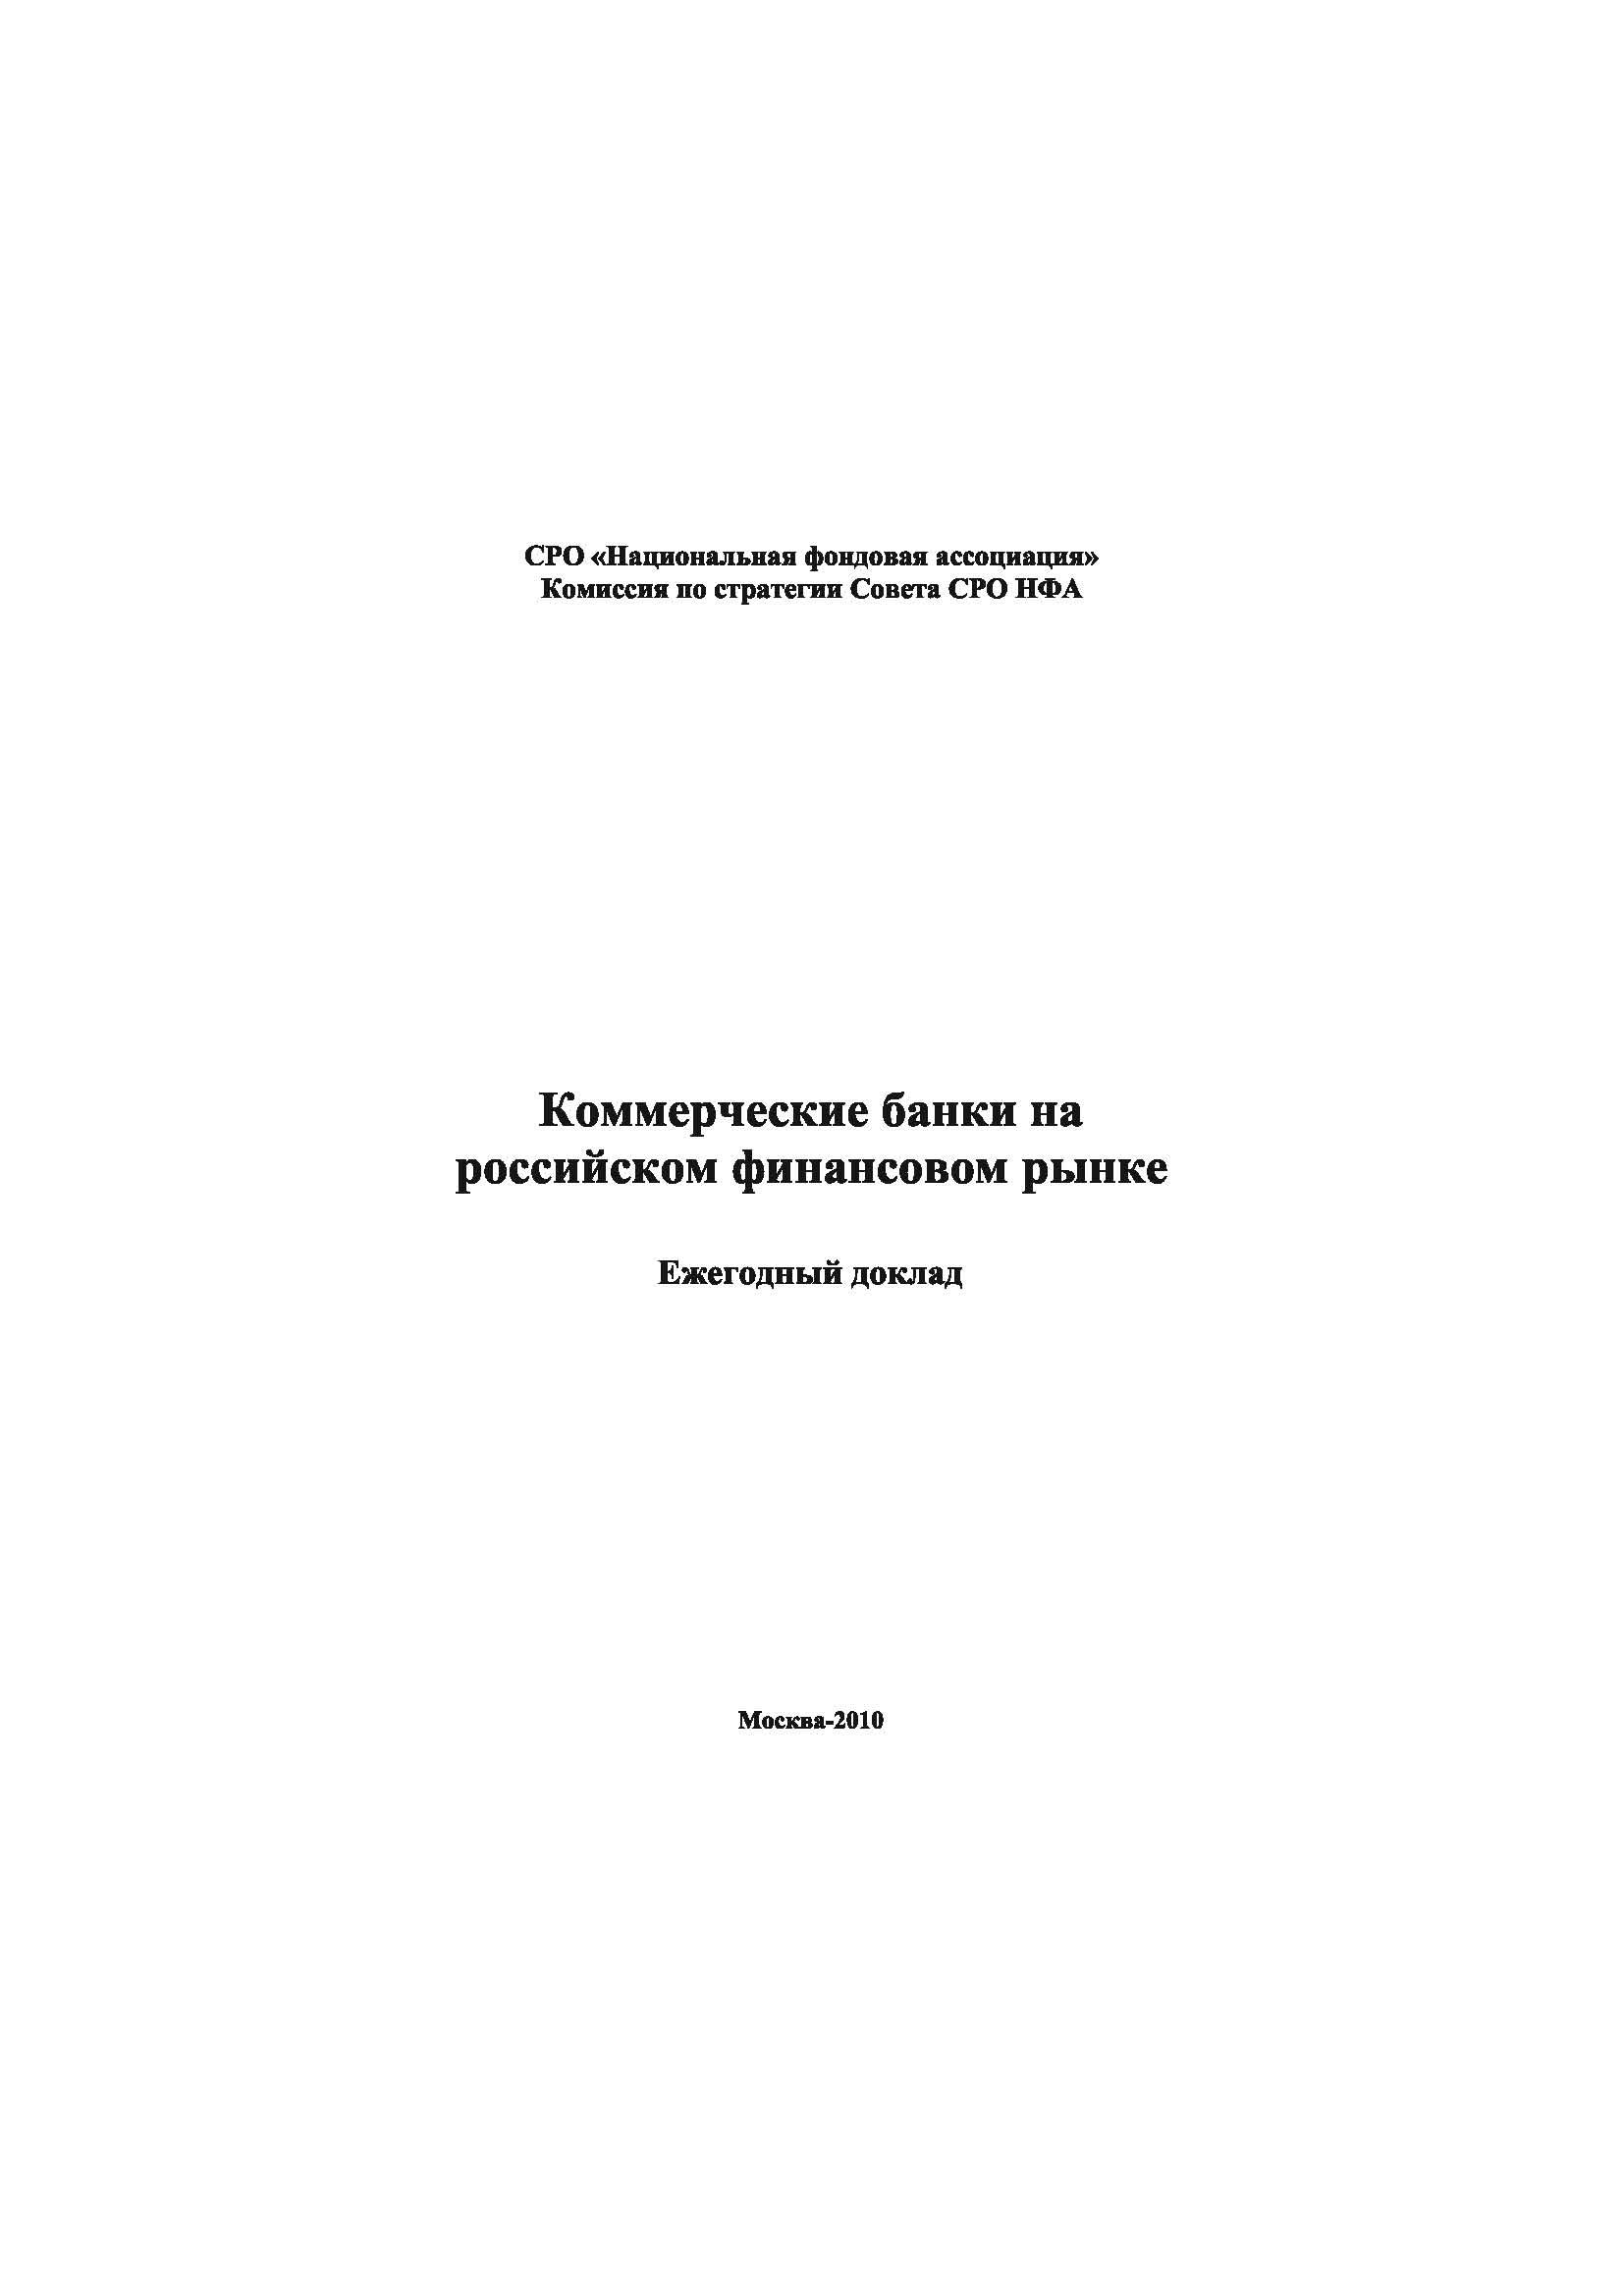 Коммерческие банки на российском финансовом рынке